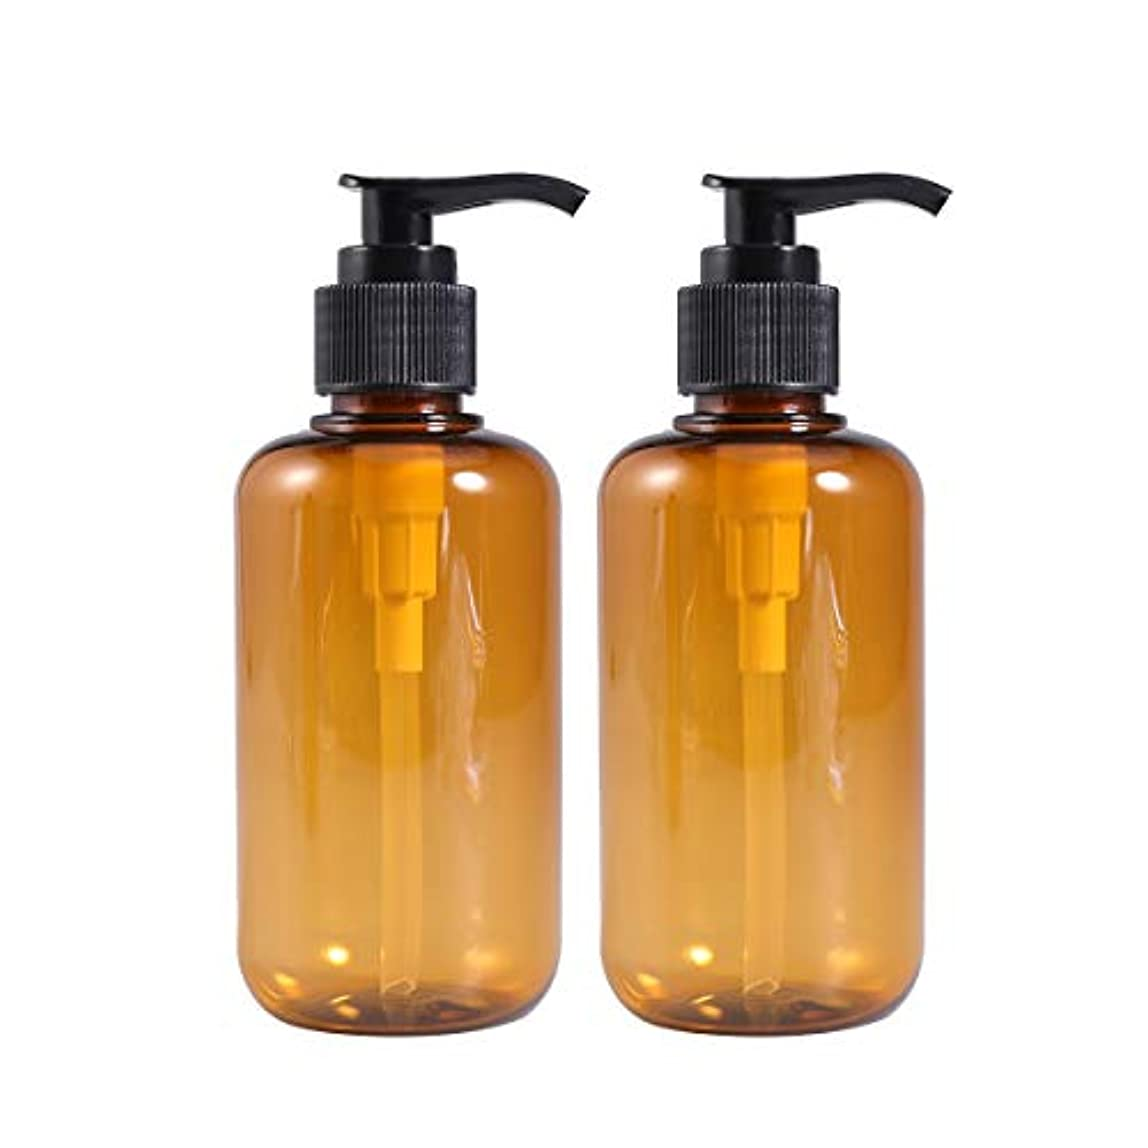 冒険浴室国家Frcolor ポンプ瓶 ポンプボトル 200ml 遮光瓶 ドロップポンプ 詰め替えボトル シャンプーハンドソープ 茶色 PET製 2本セット